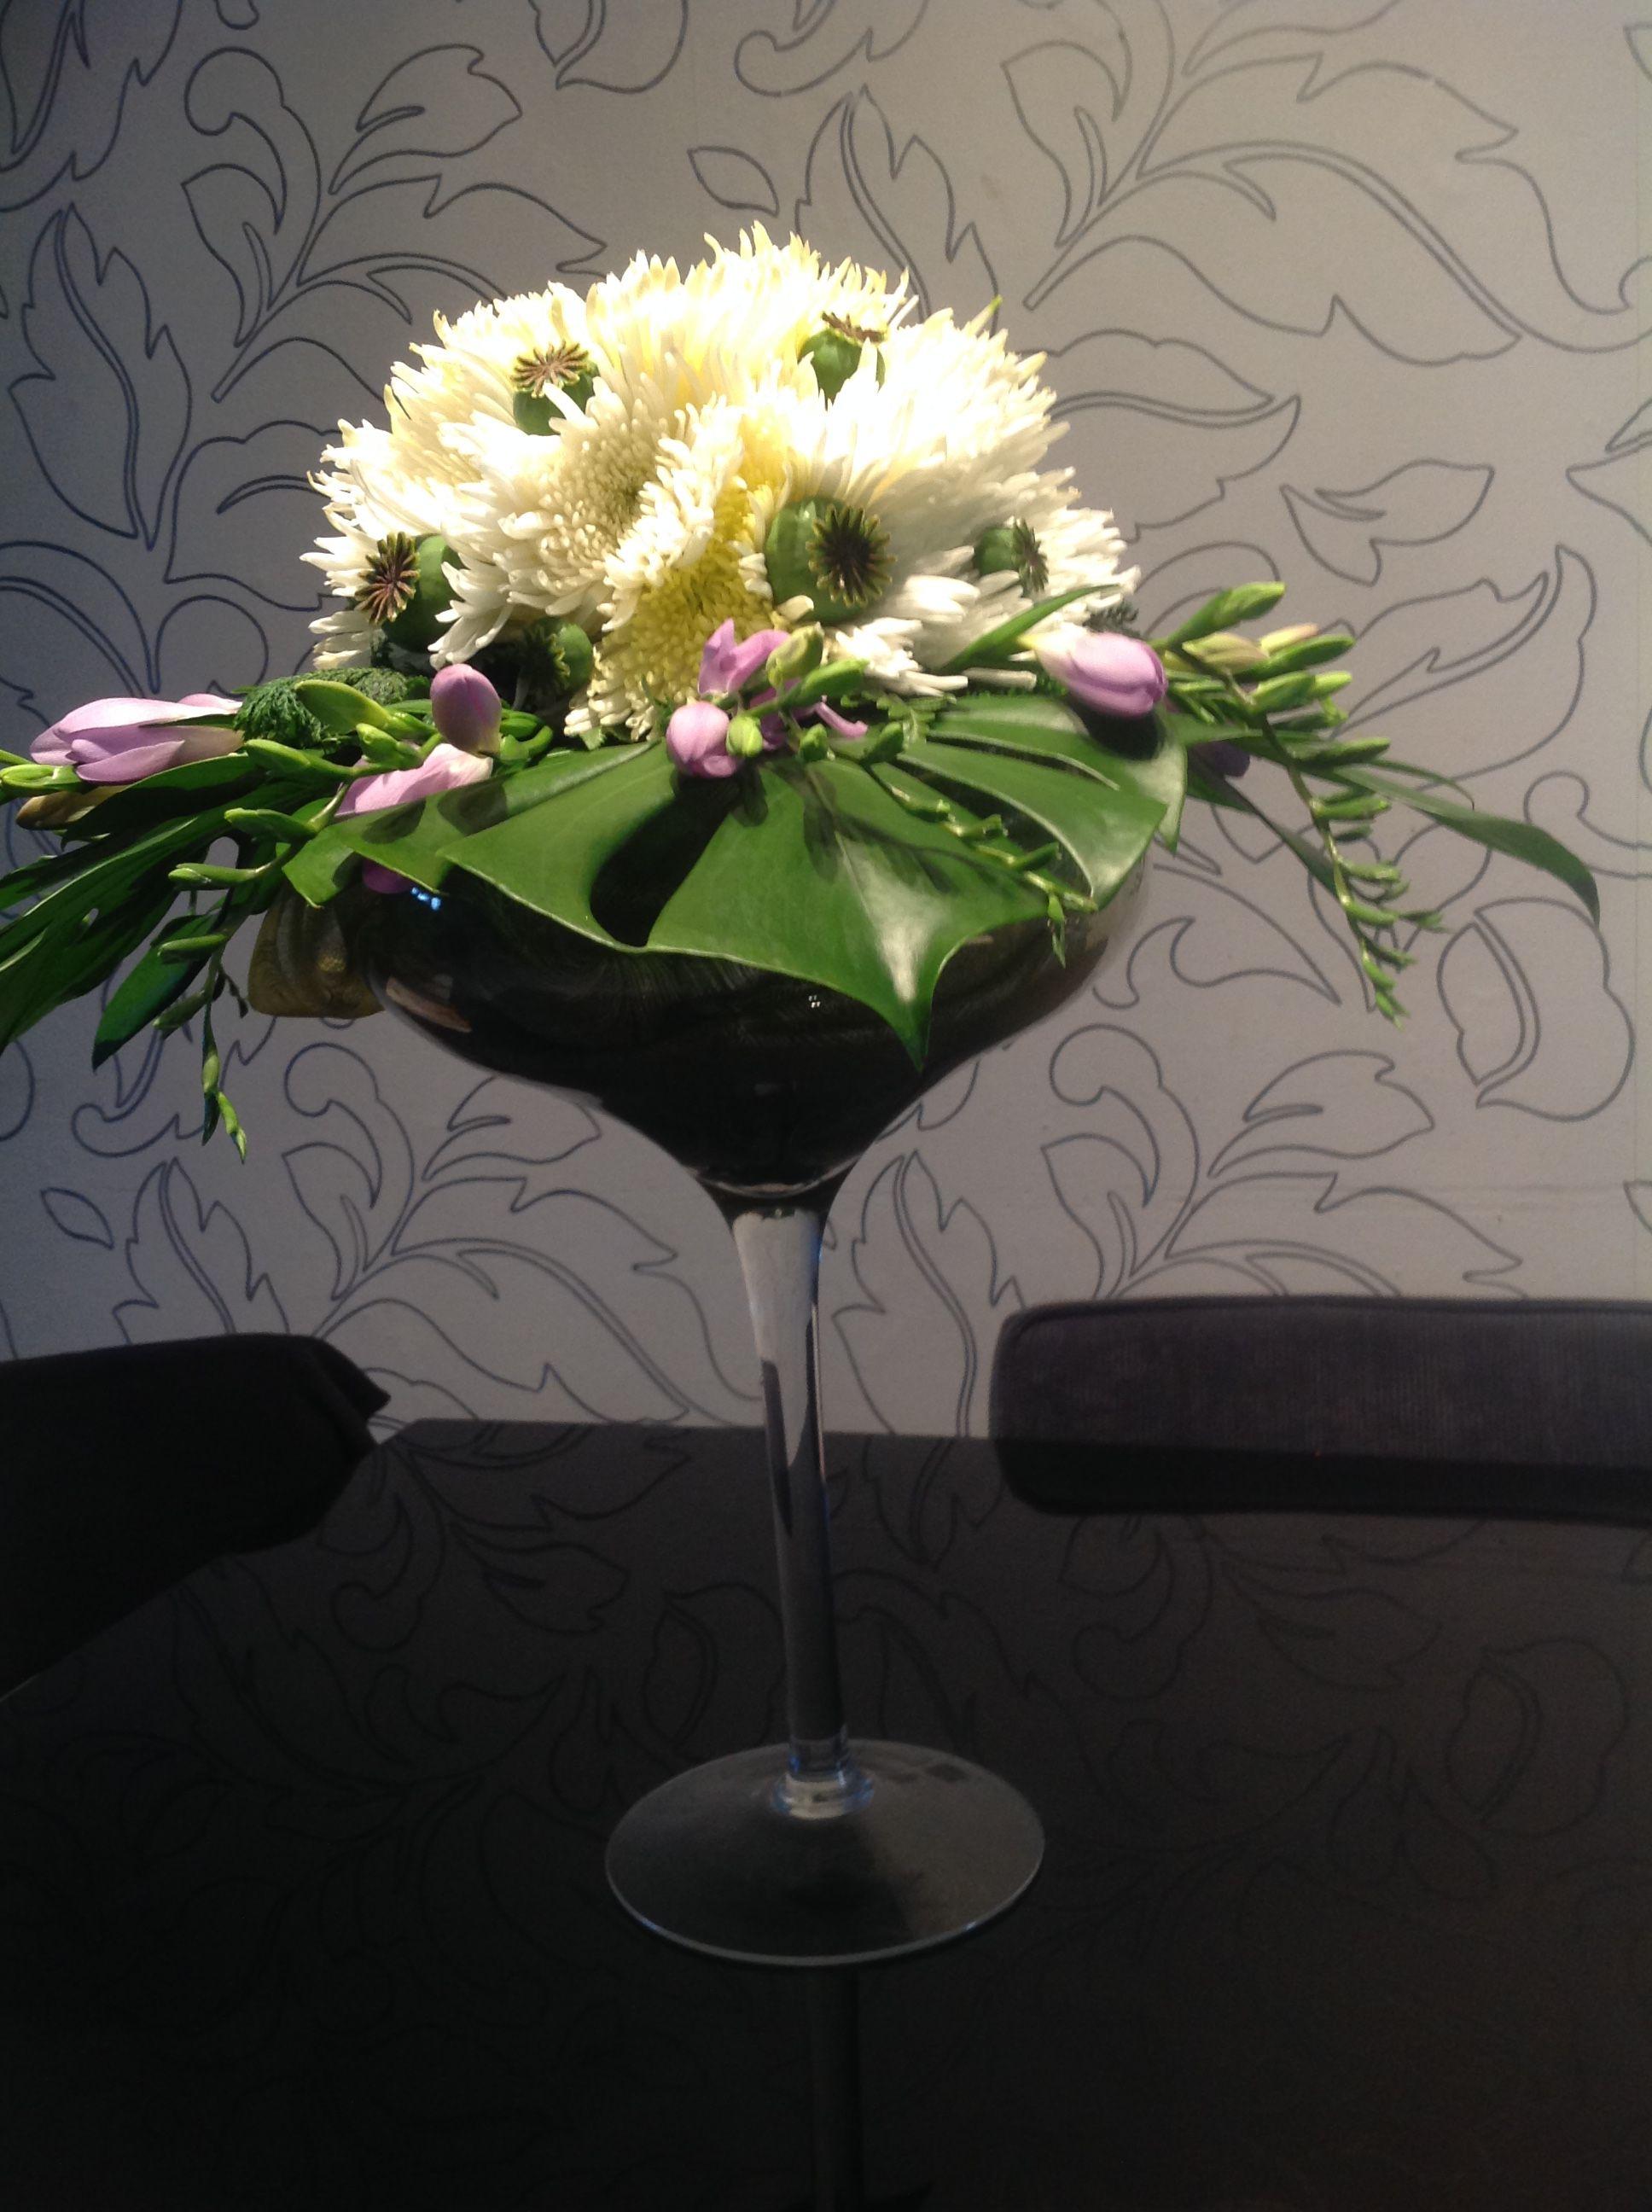 Pin by lesly mendoza on arreglos florales pinterest flower flower arrangement floral arrangements martini vase flower arrangements flower vases floral arrangement floral wreath jar reviewsmspy